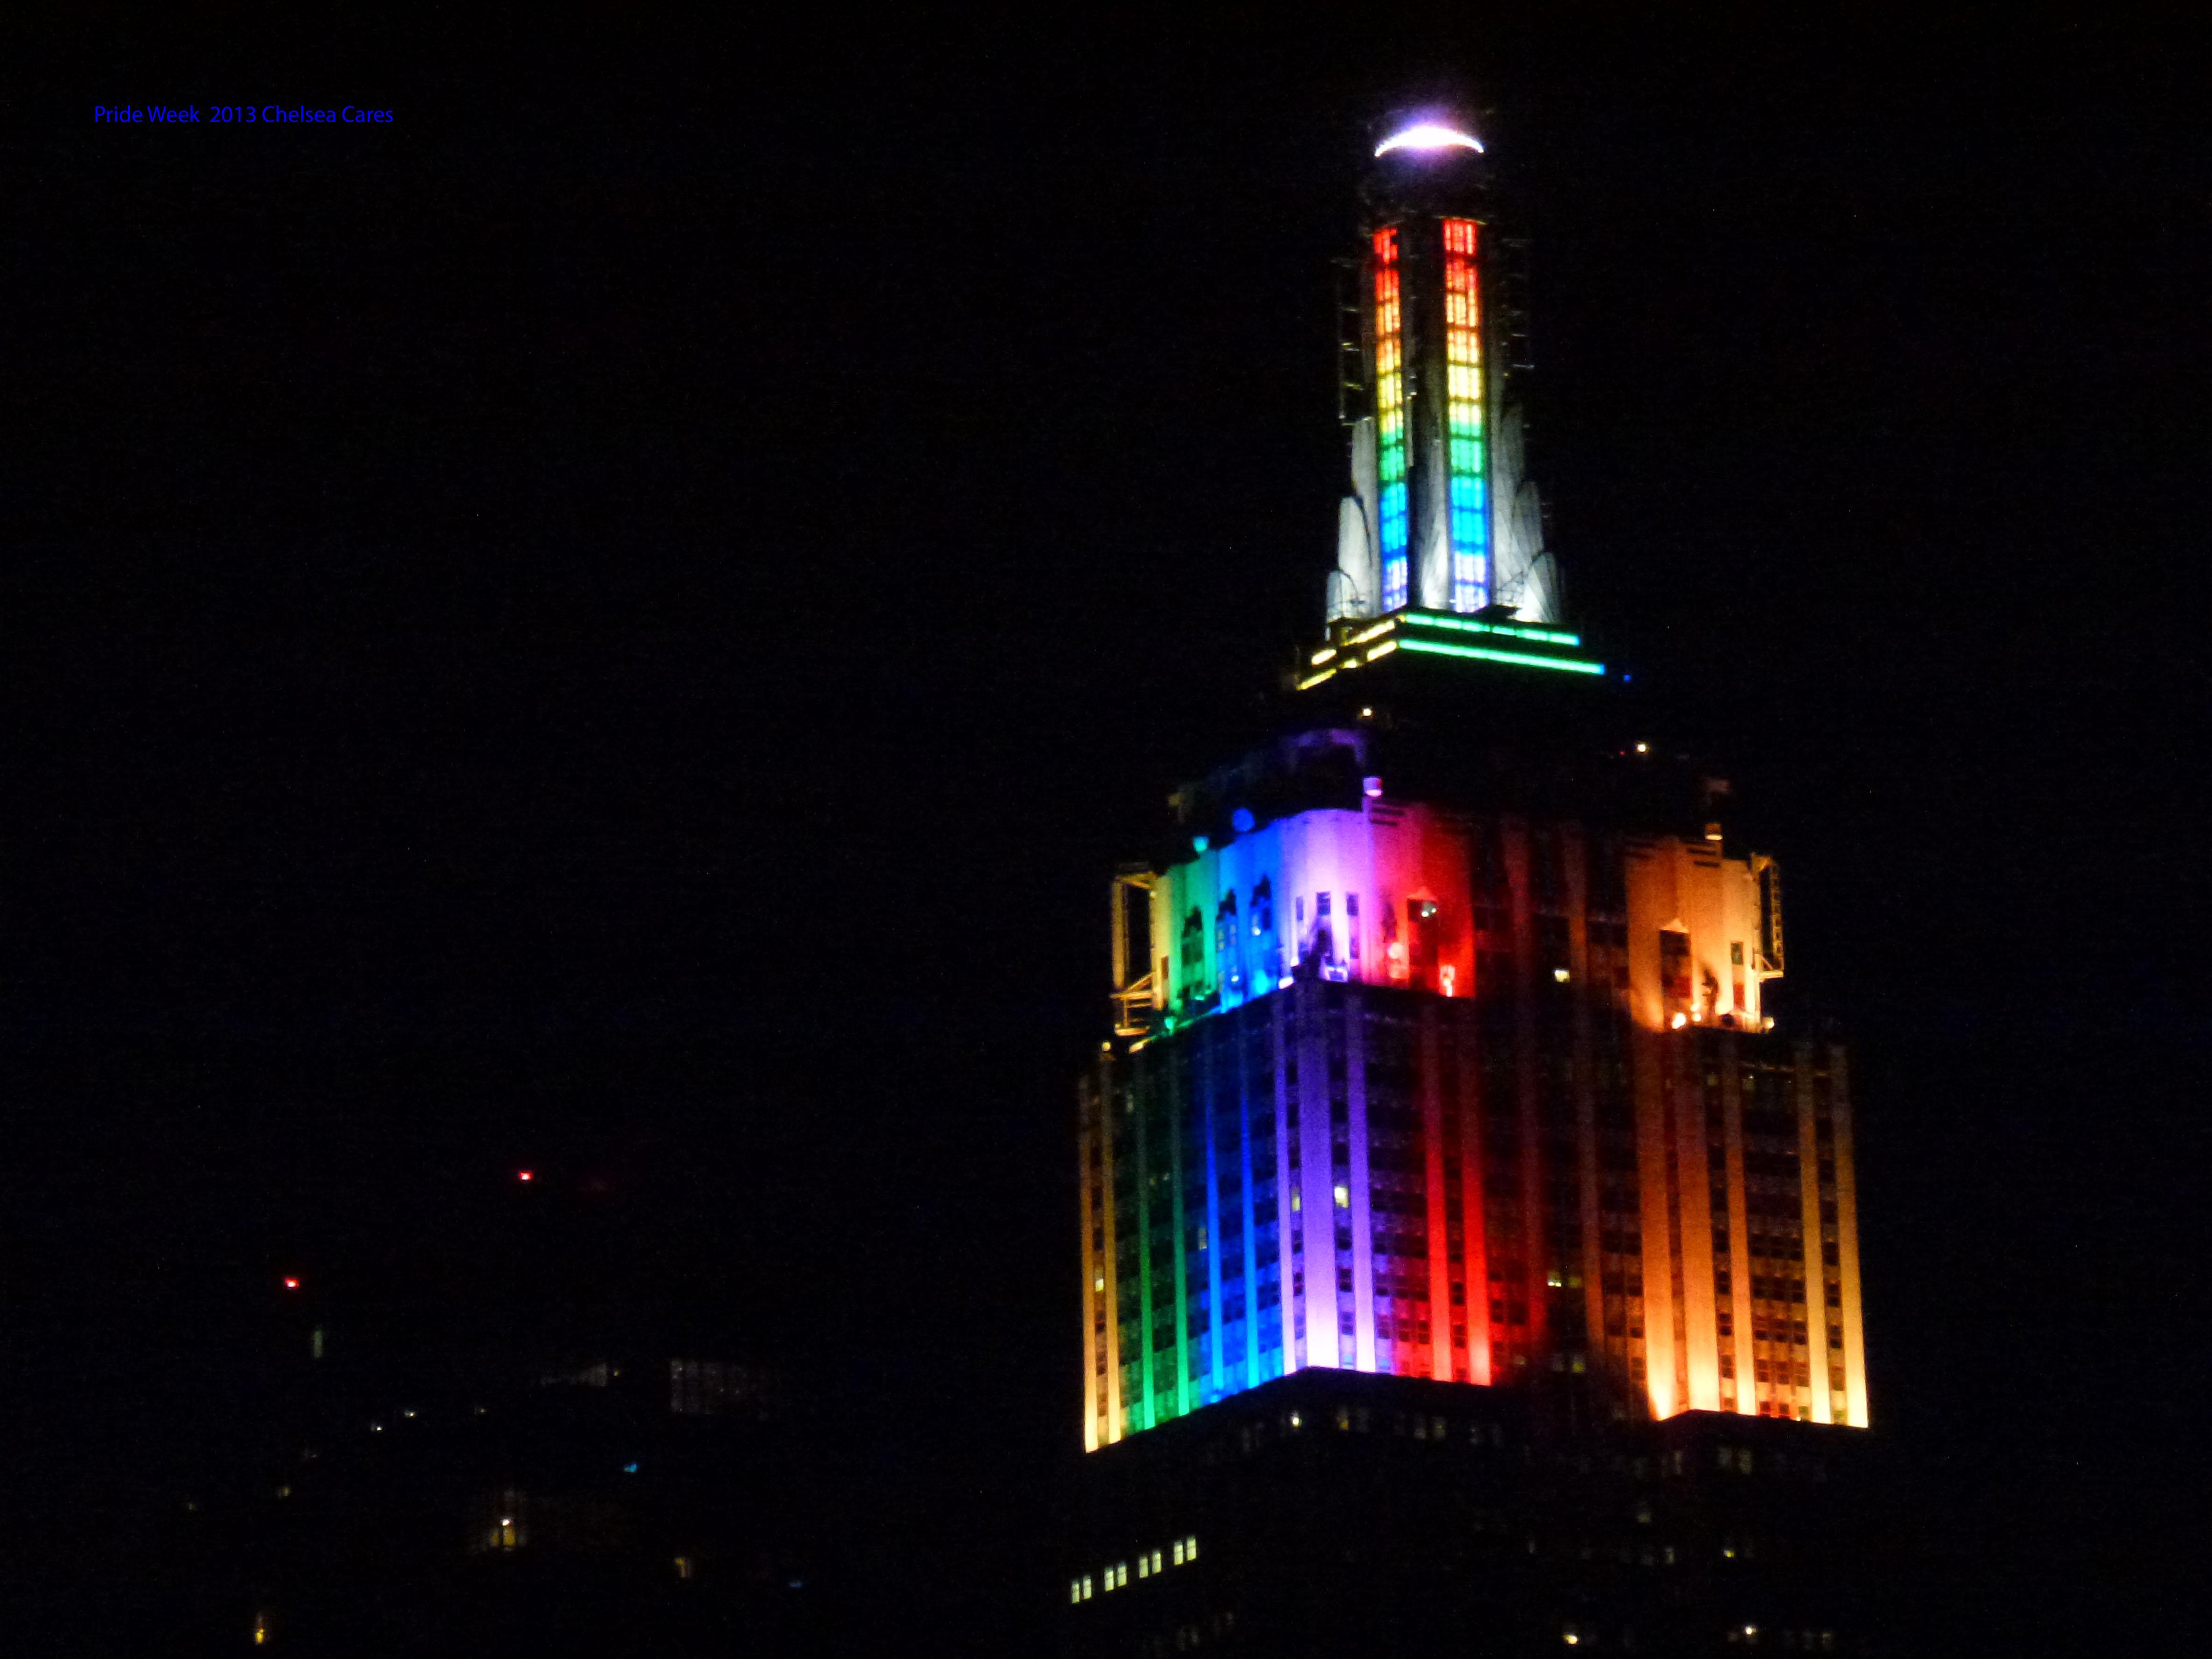 Chelsea Cares Pride Week 2013